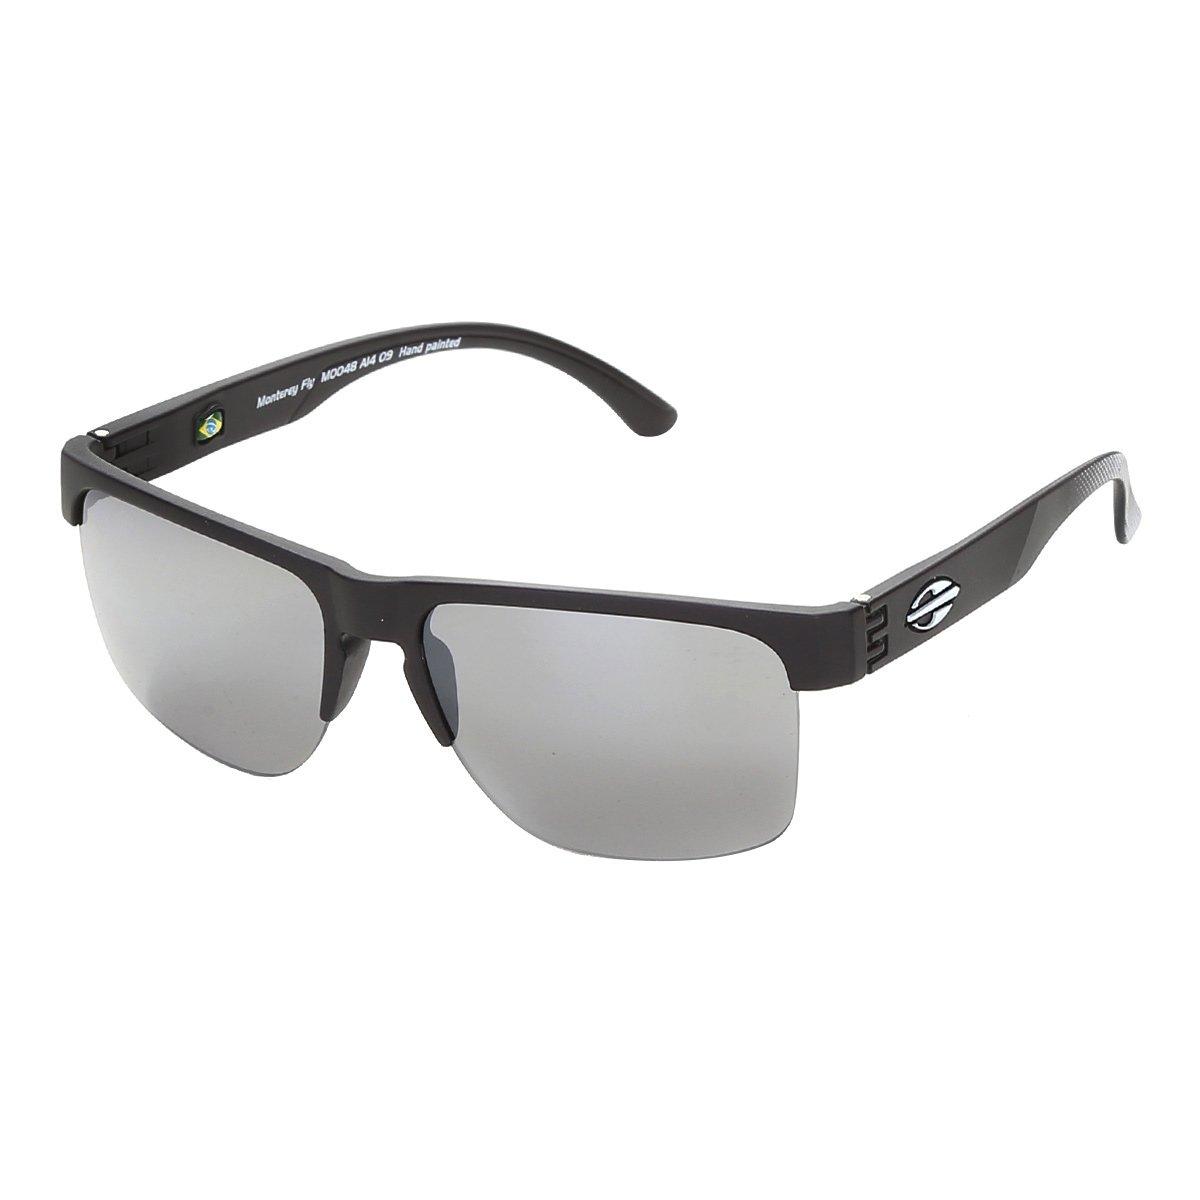 Óculos de Sol Mormaii Monterey Fly Fosco Masculino - Compre Agora ... 17ef710776